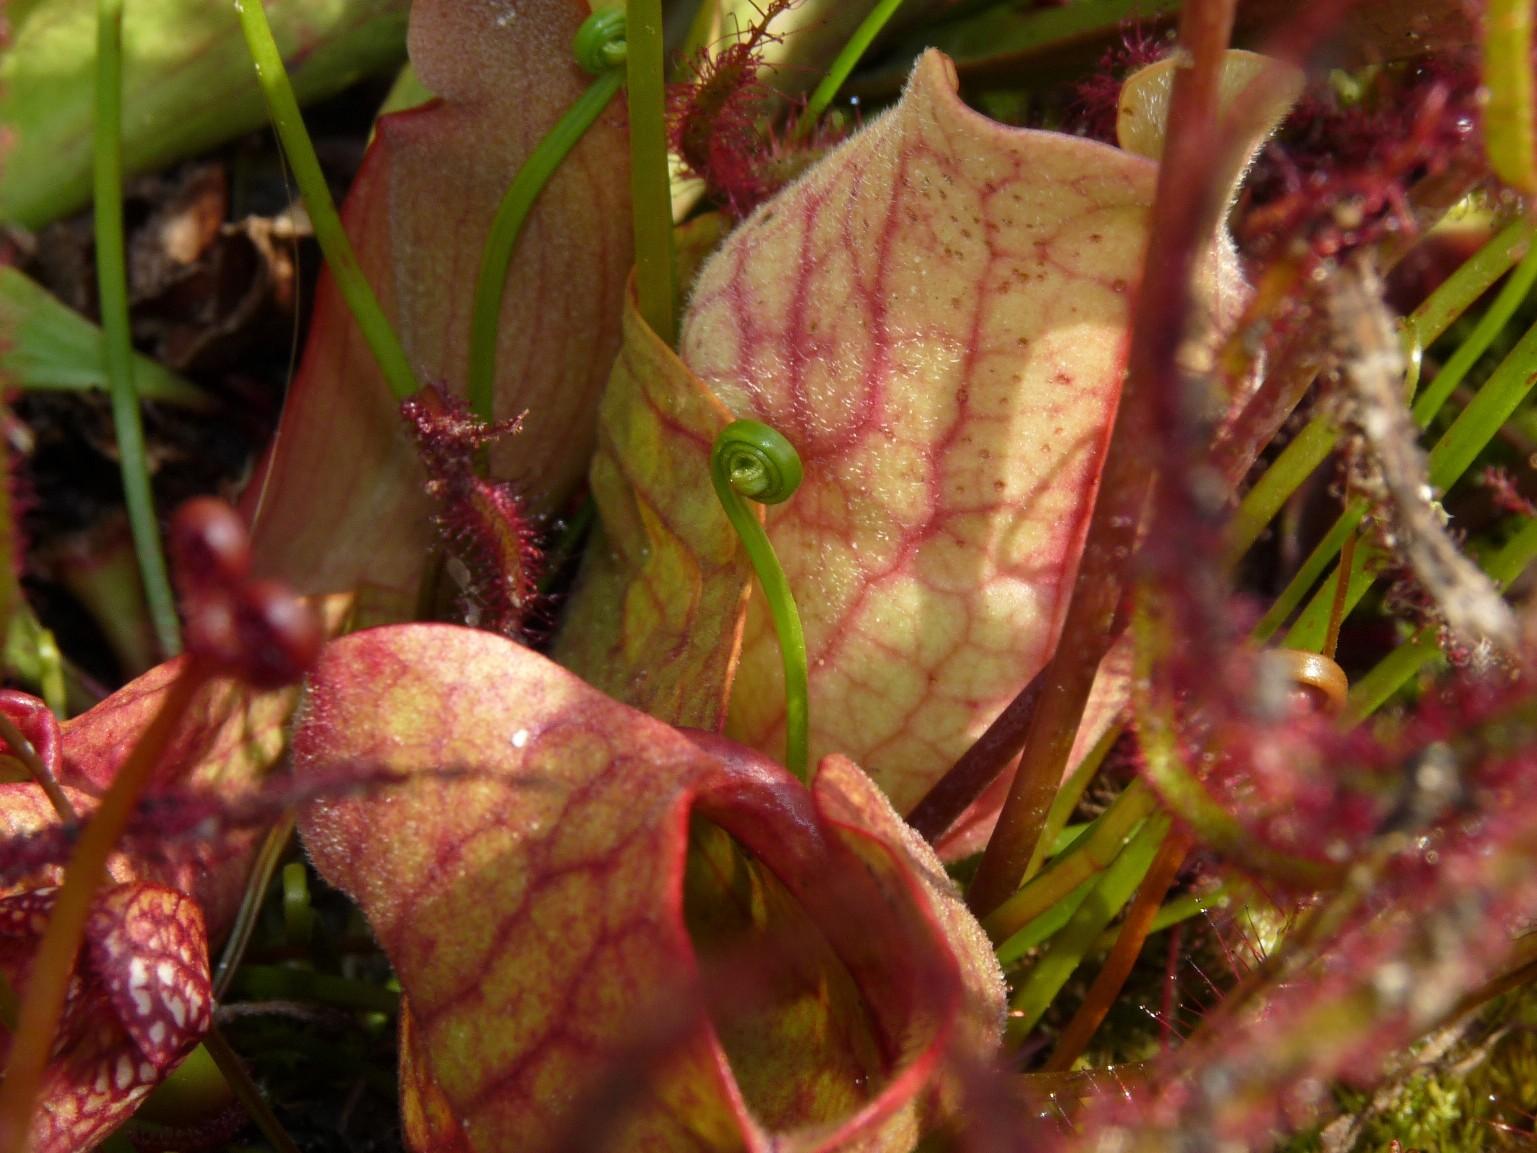 Donica na działce 2017 - Sarracenia purpurea i towarzystwo